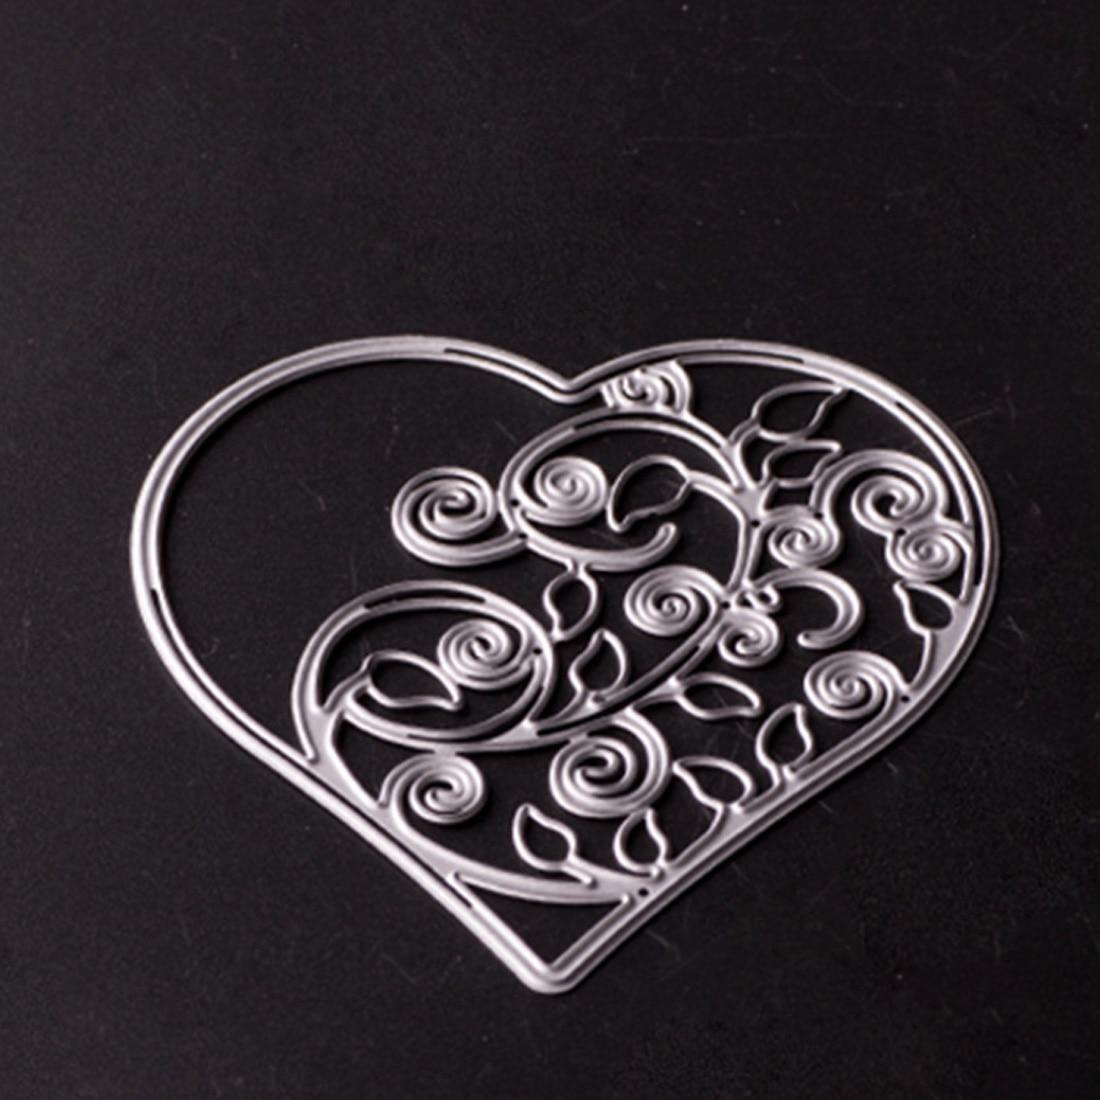 Yüksek kaliteli kalp şablonlar Metal kesme ölür DIY Scrapbooking dekoratif kağıt şablon kesim